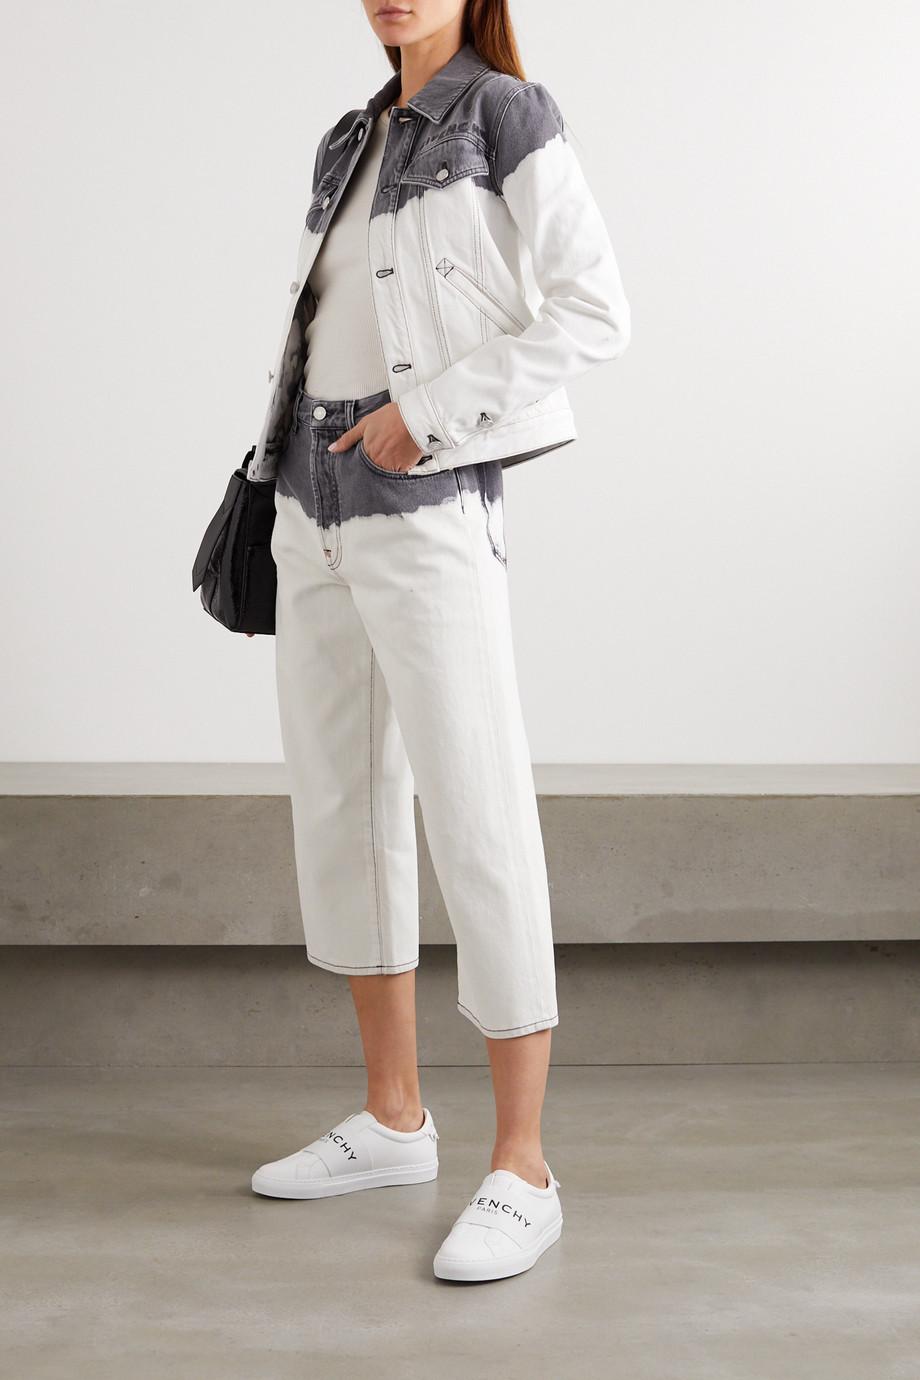 Givenchy 刺绣扎染牛仔夹克